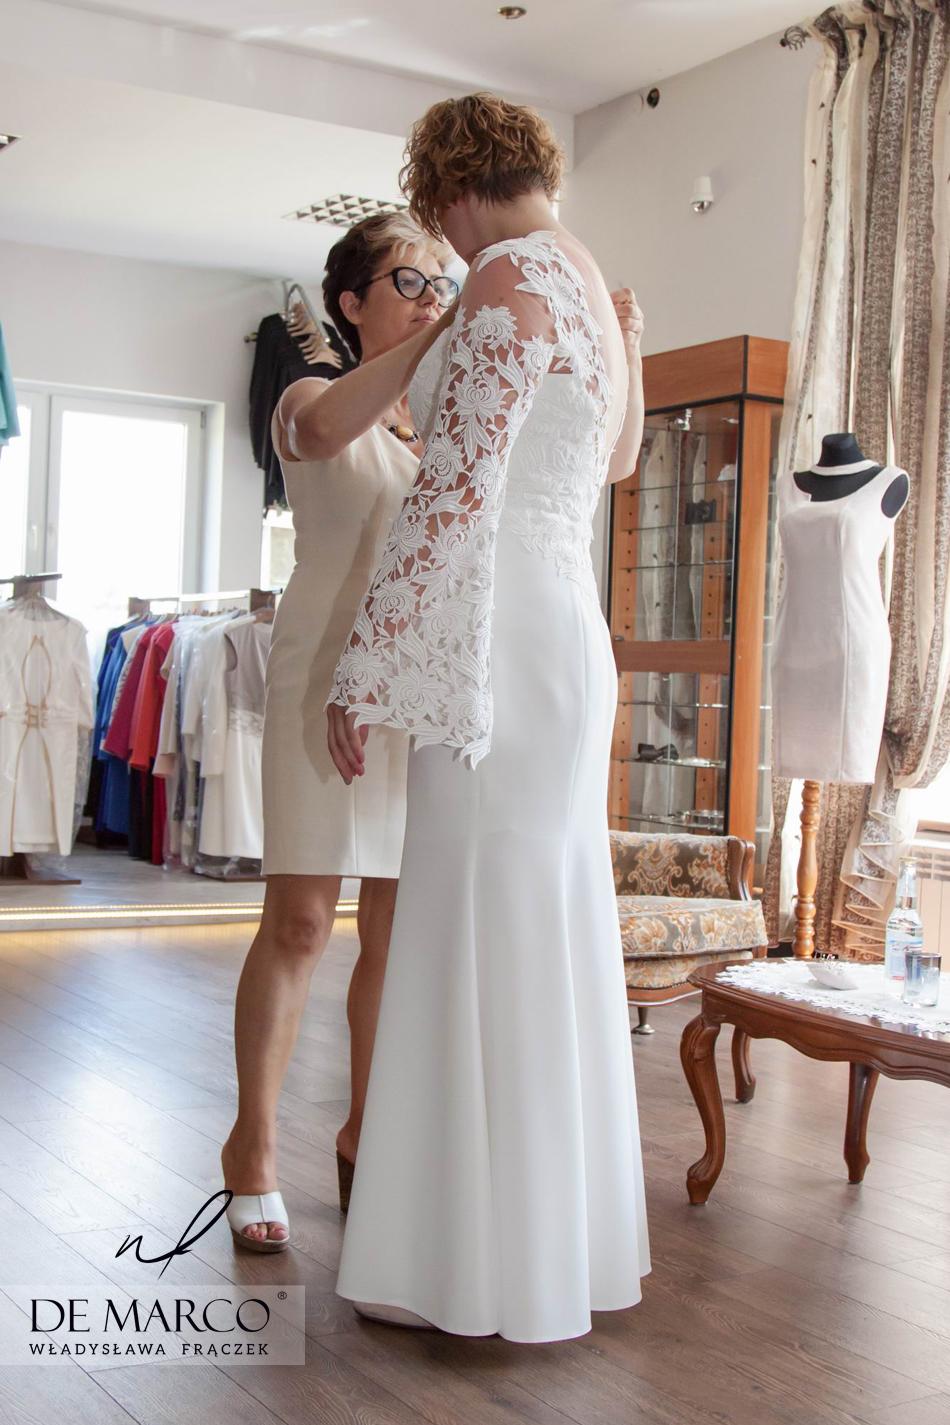 Suknia ślubna szyta na miarę u profesjonalnej krawcowej. Zakupy na wesele u polskiej projektantki mody. Sklep internetowy De Marco.